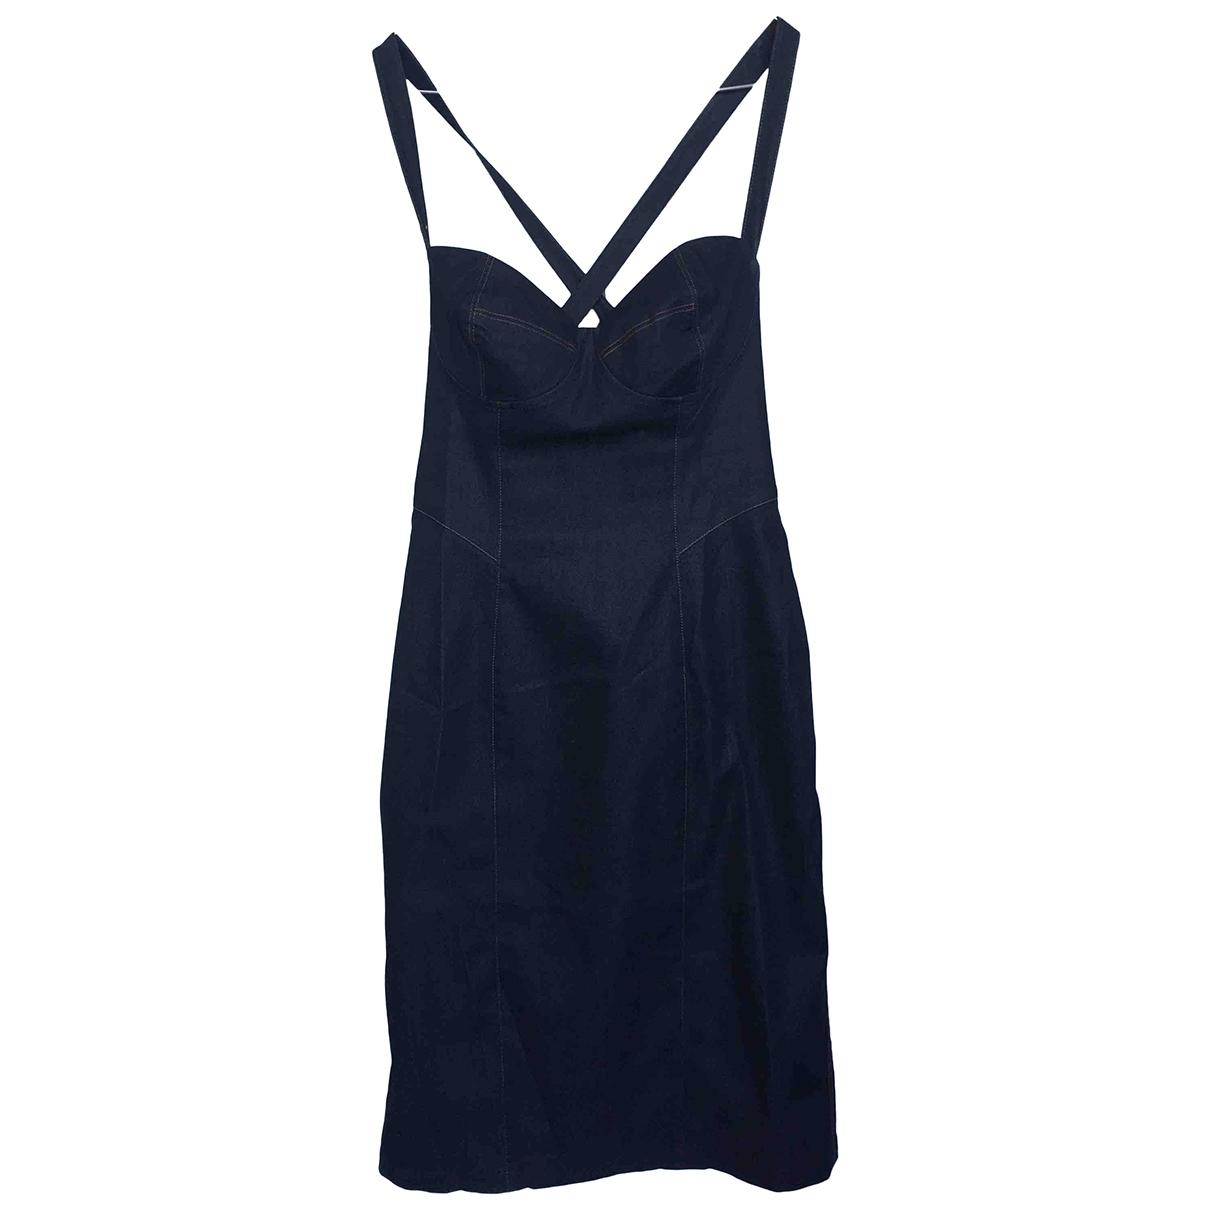 Zapa \N Kleid in  Marine Baumwolle - Elasthan